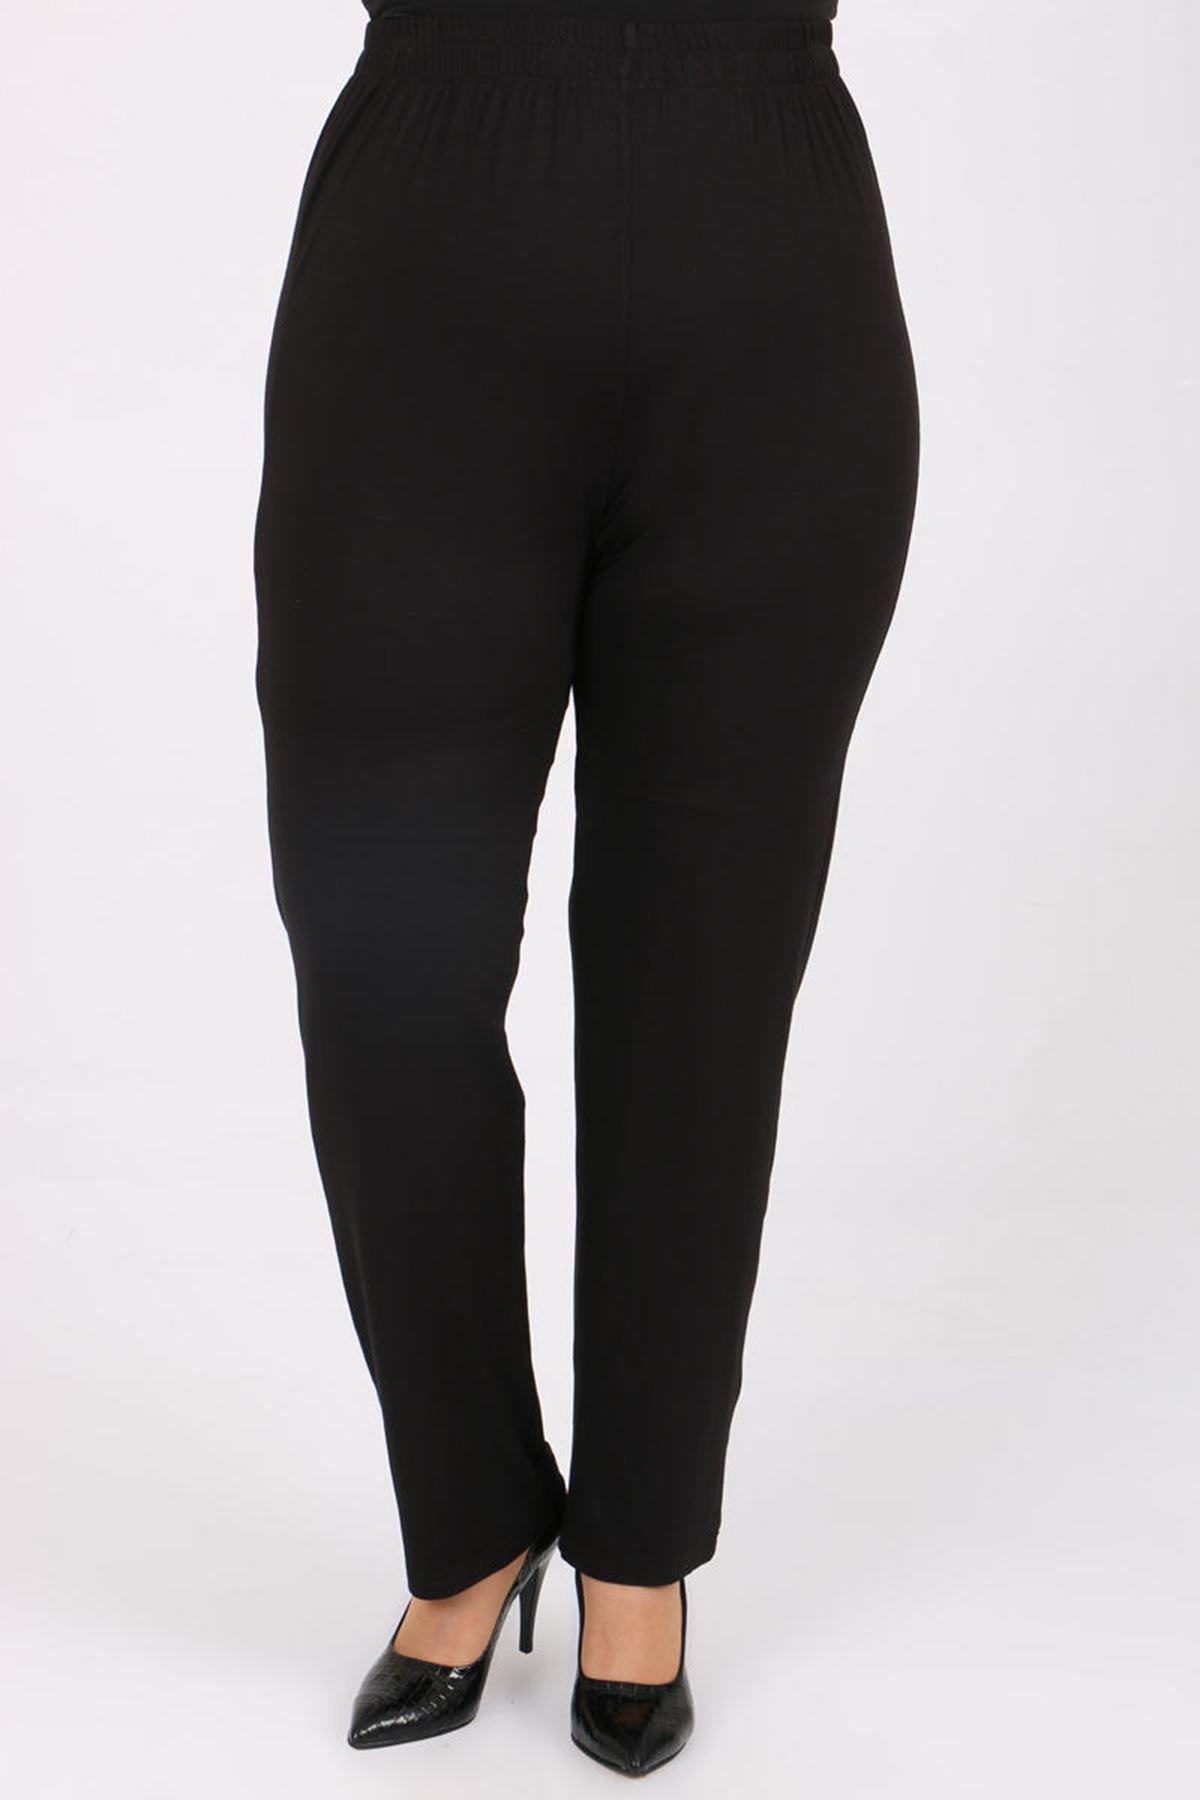 D-9057 Büyük Beden Defolu Yüksel Bel Lastikli Penye Pantalon - Siyah